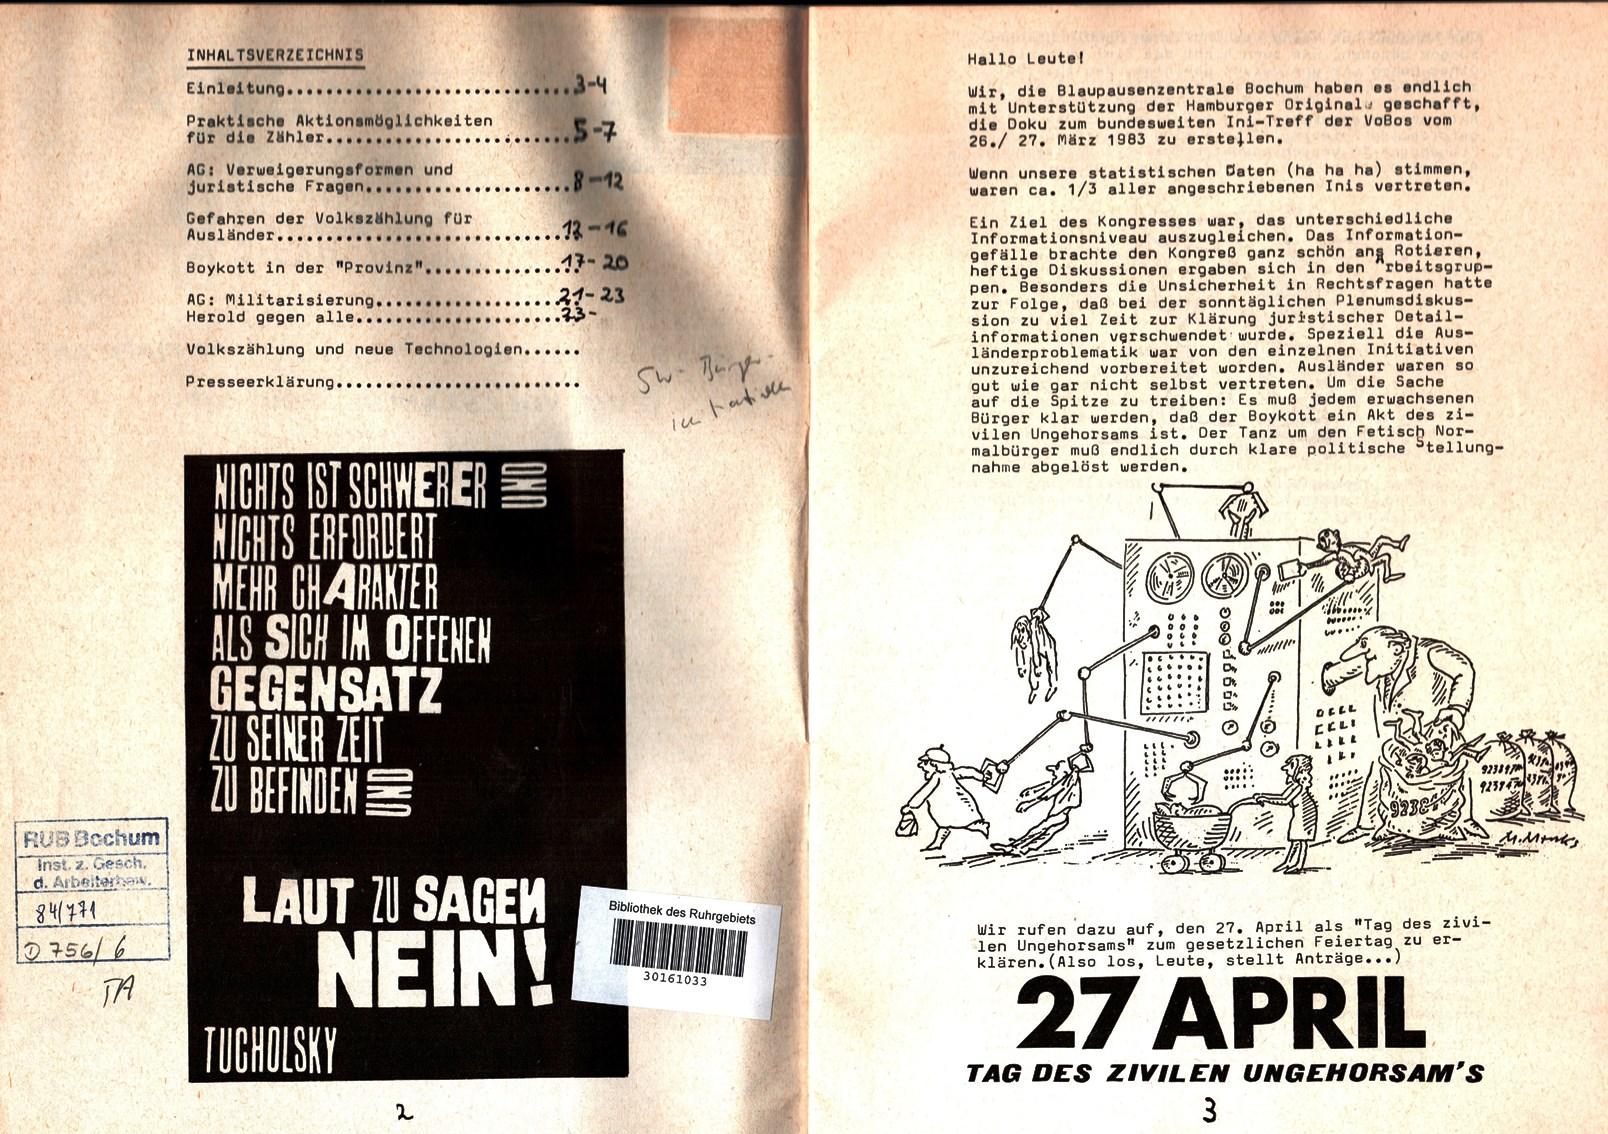 Bochum_1983_Volkszaehlungsboykotttreffen_002